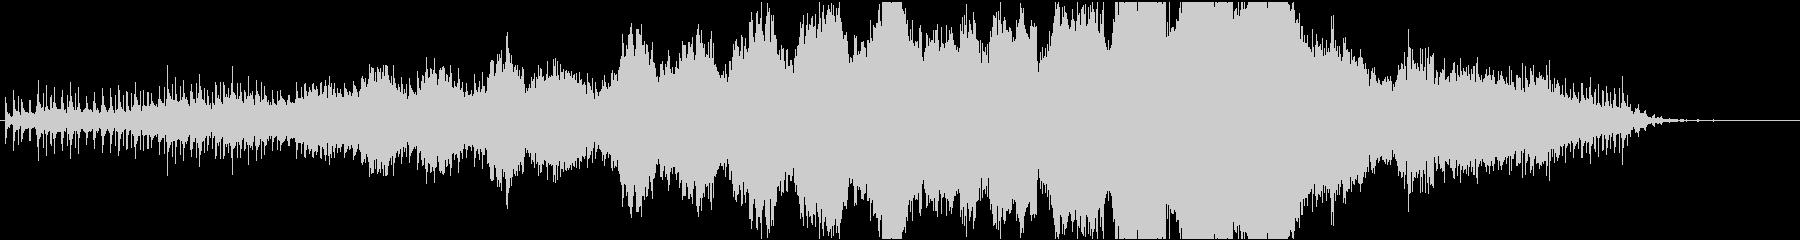 ハロウィン_古時計のミステリー風の未再生の波形